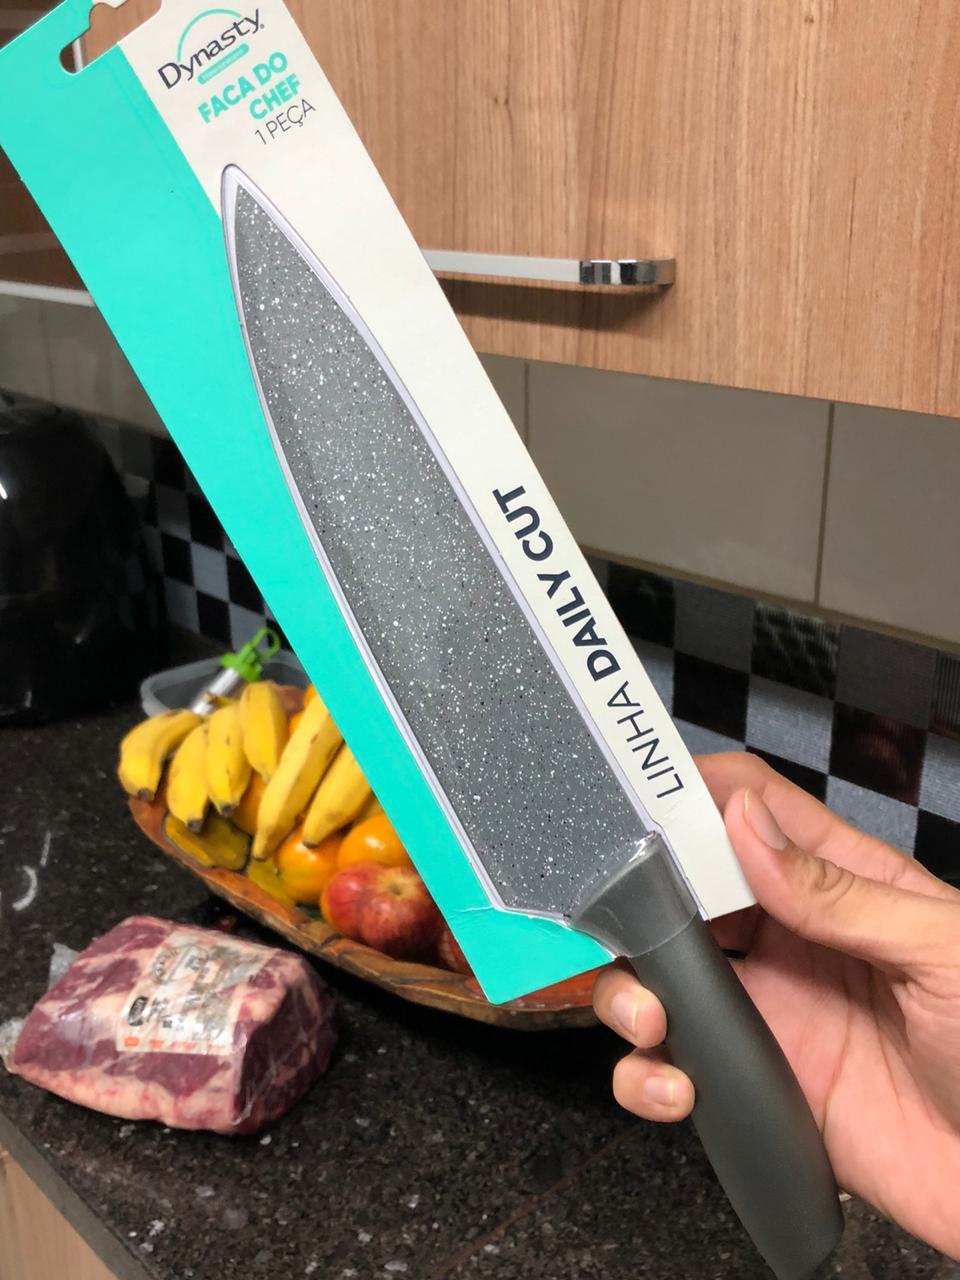 Faca Chef cozinha churrasco profissional picanheira 8pol em aço inox com pintura antiaderente